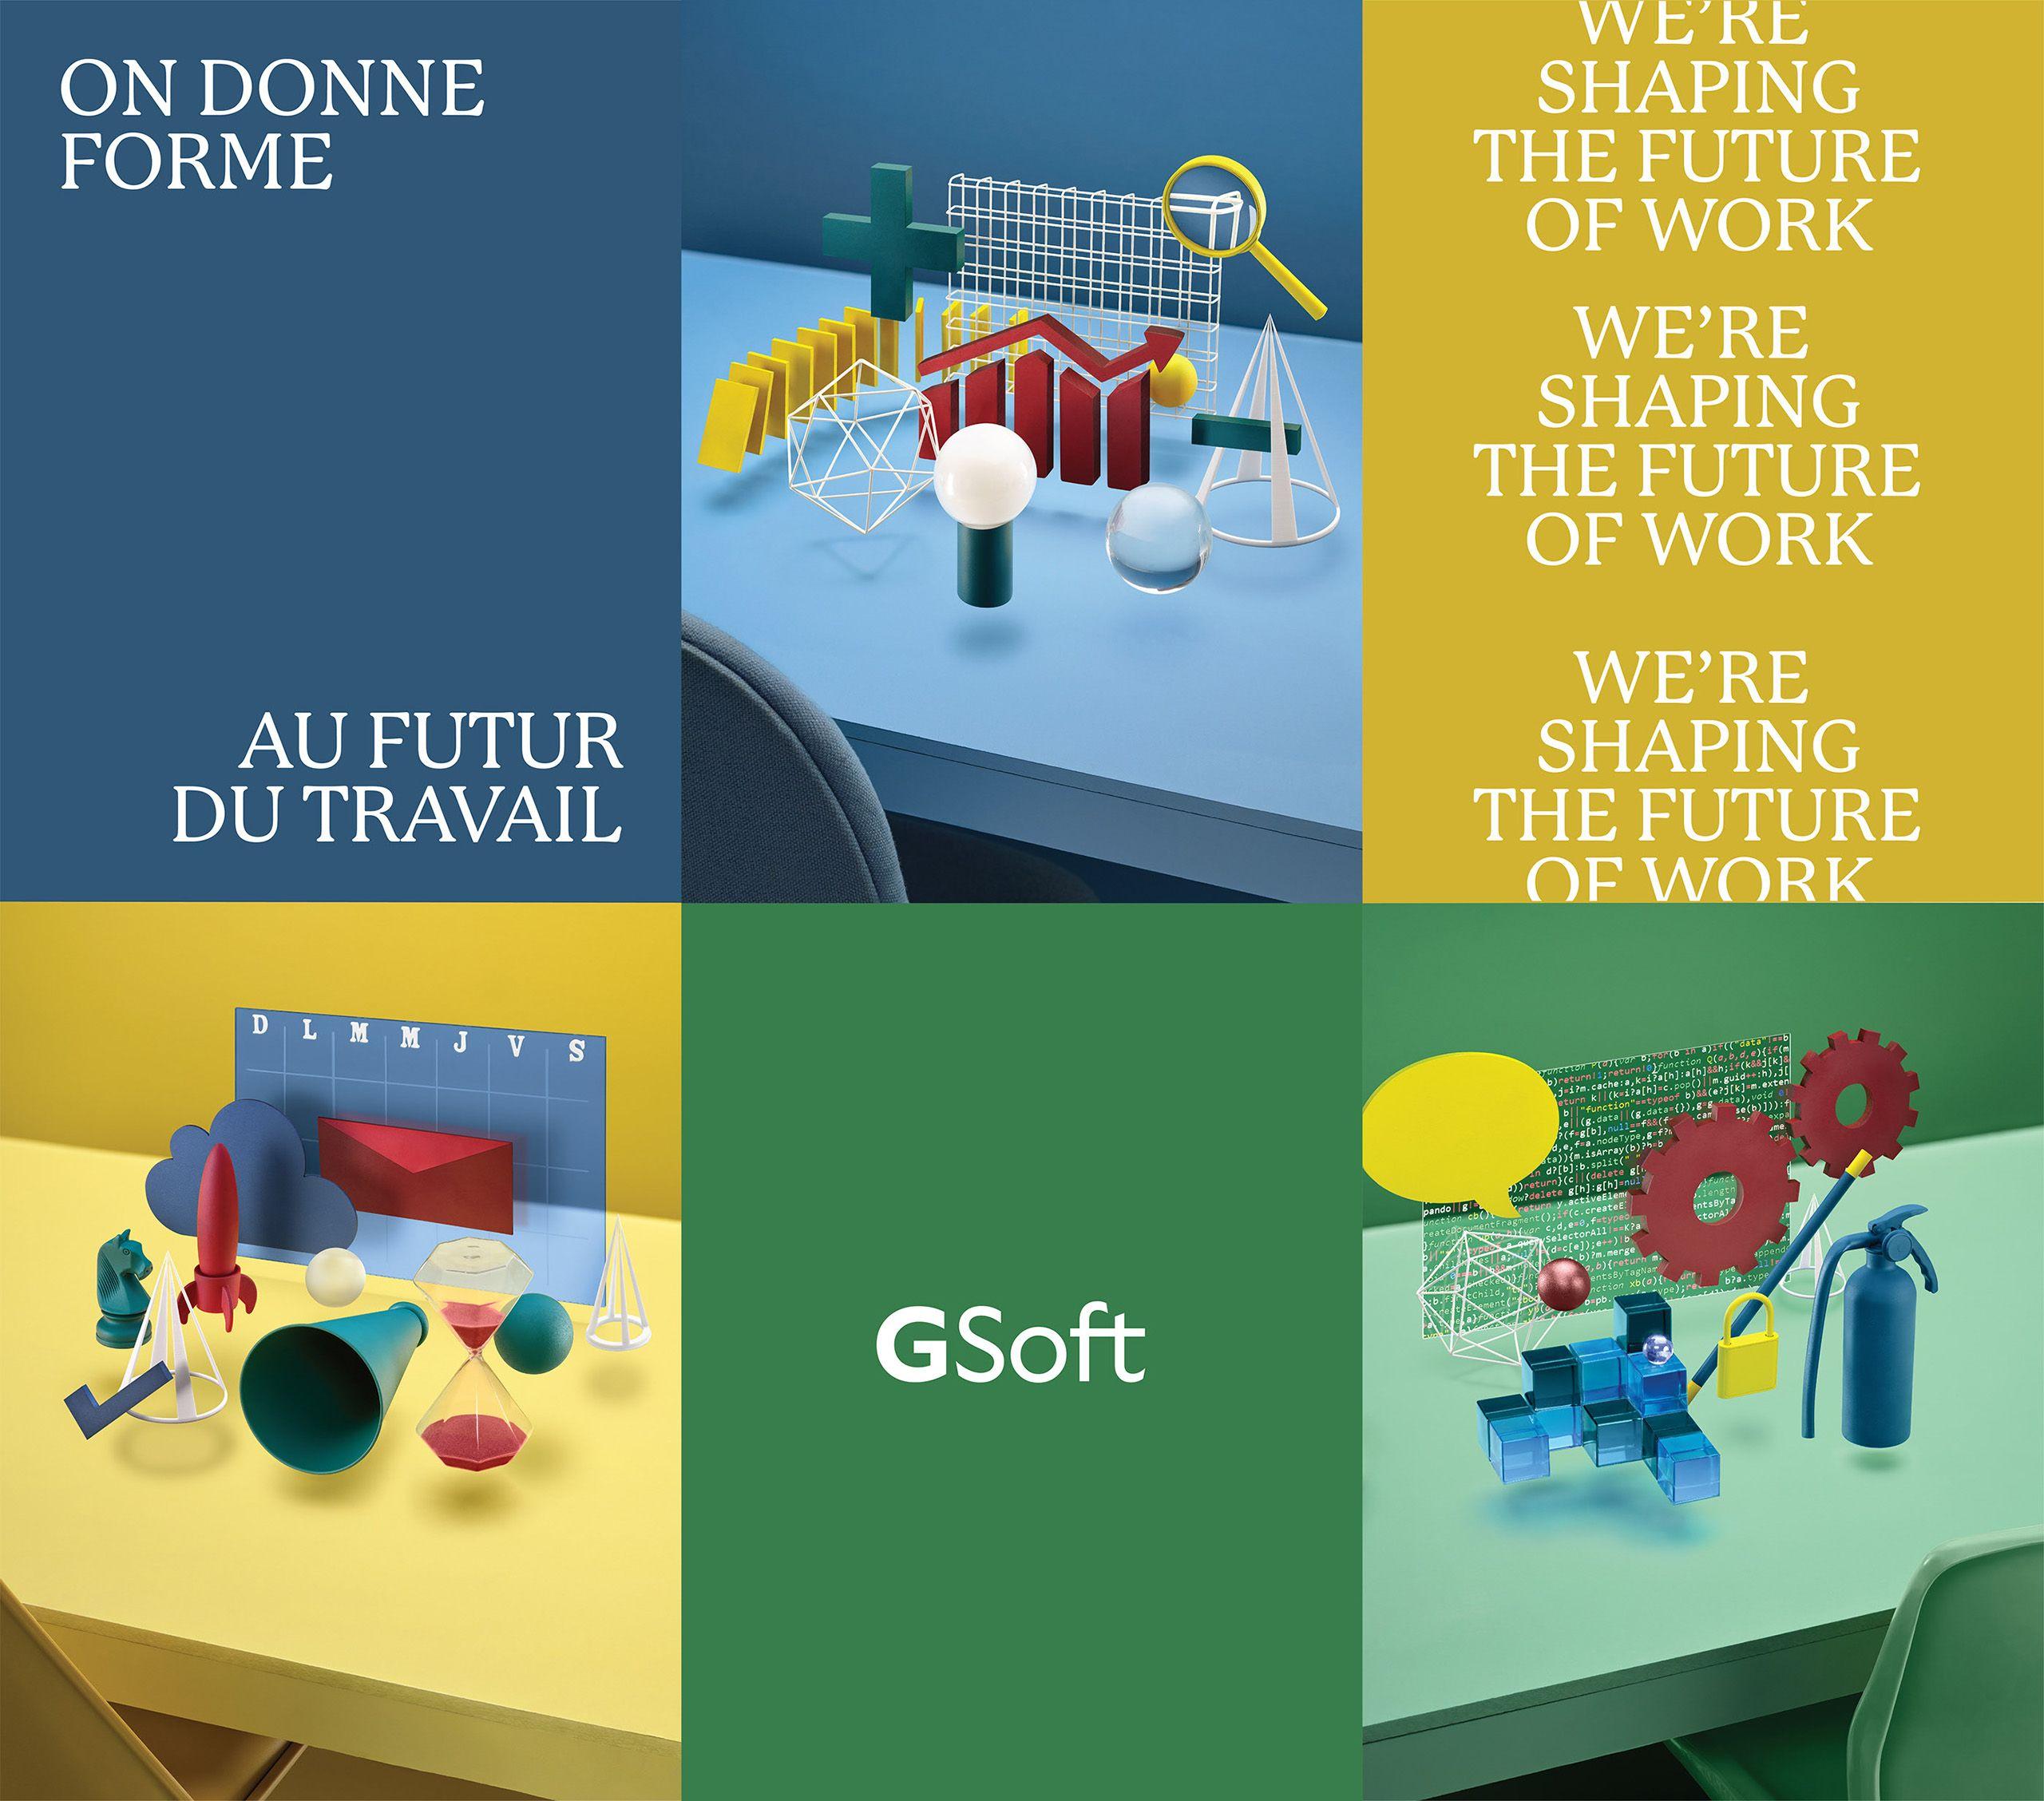 gsoft set design bleu jaune vert sablier graphique